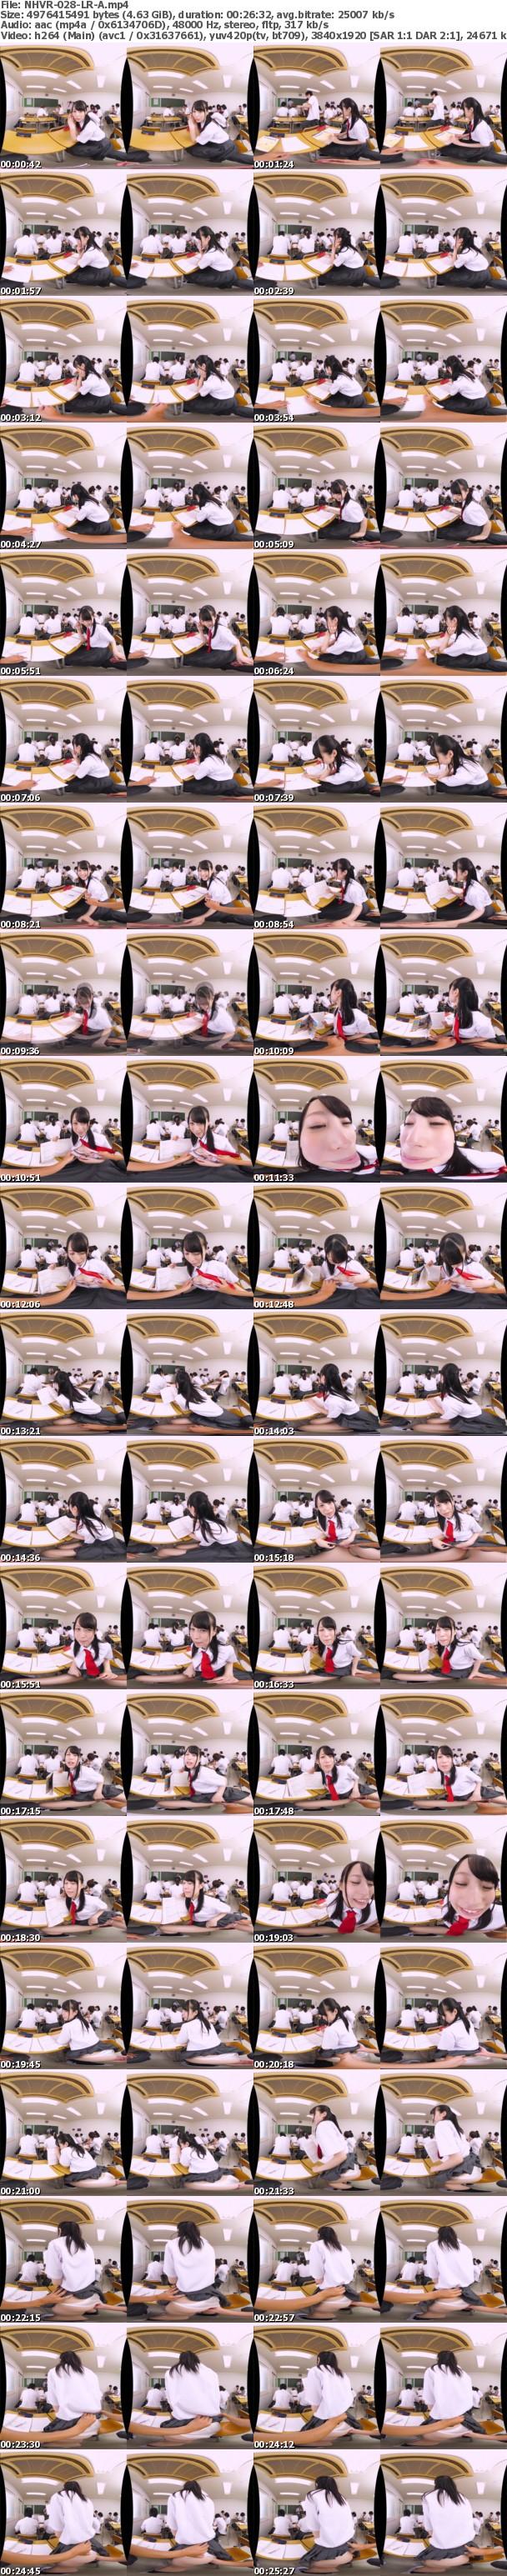 VR/3D NHVR-028 【超高画質版】青春体験VR 授業中に隣の席の彼女と先生にバレないようにこっそりキス、乳首いじり、机の下手コキ…放課後はイチャラブ中出しSEX